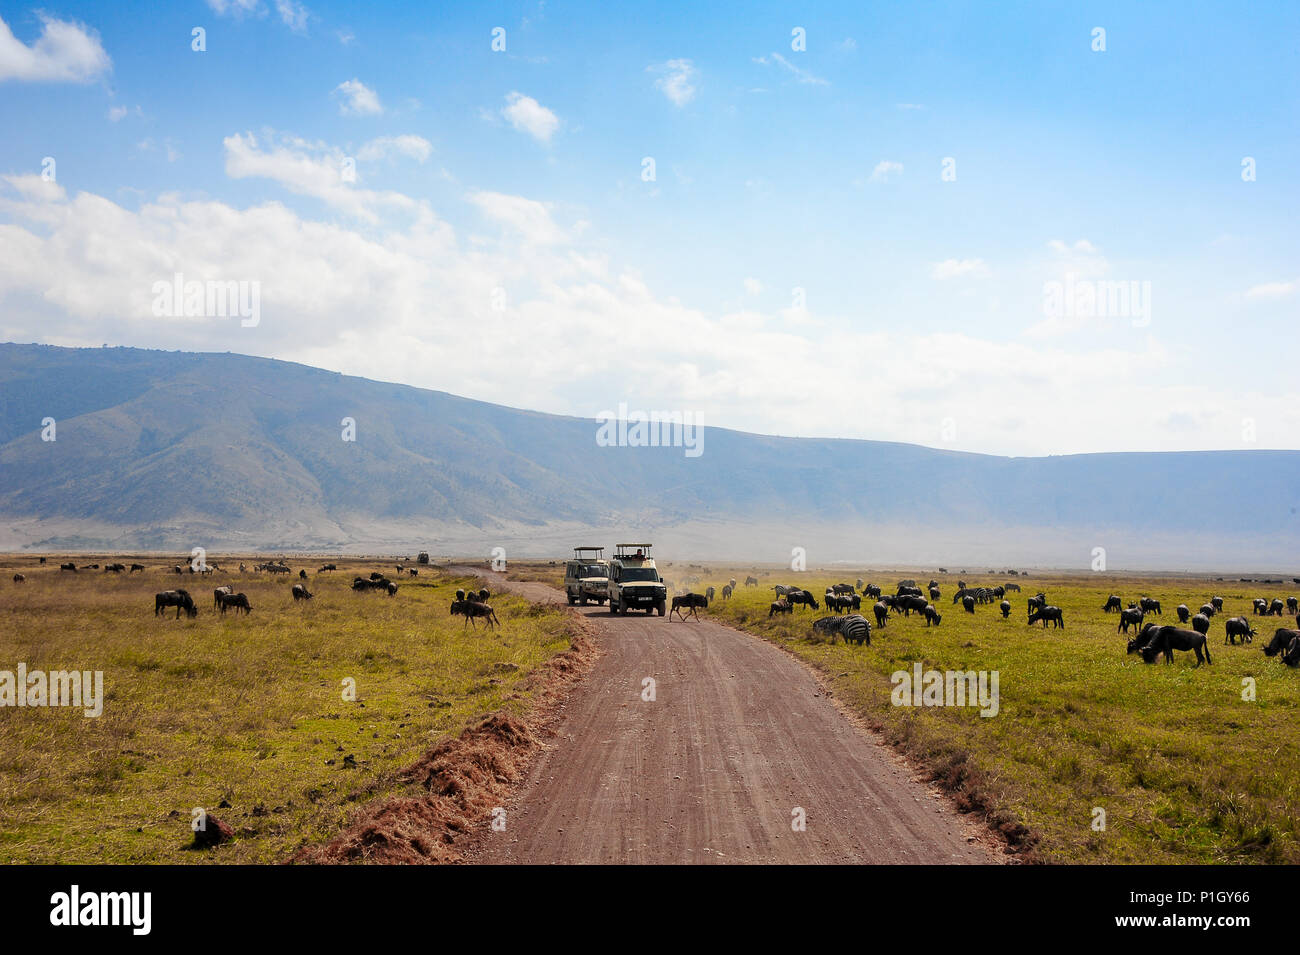 Los ñus y cebras pastan en una llanura polvorienta enfrente de espera de vehículos de safari. El Parque nacional Ngorongoro, Tanzania, África Imagen De Stock